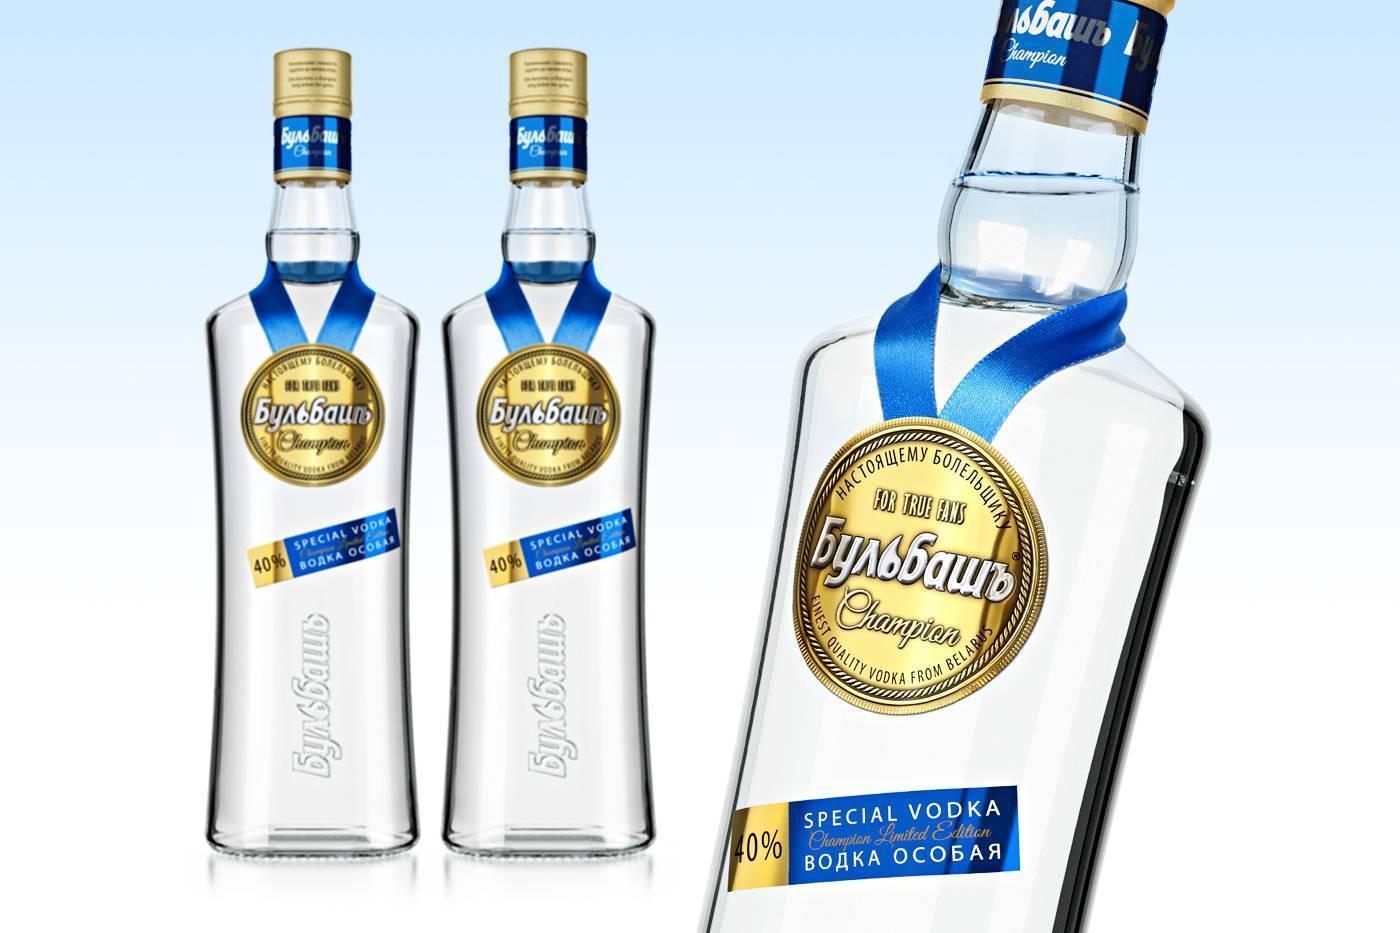 Водка бульбаш — обзор белорусской водки, отзывы экспертов, покупателей и советы по применению (90 фото)